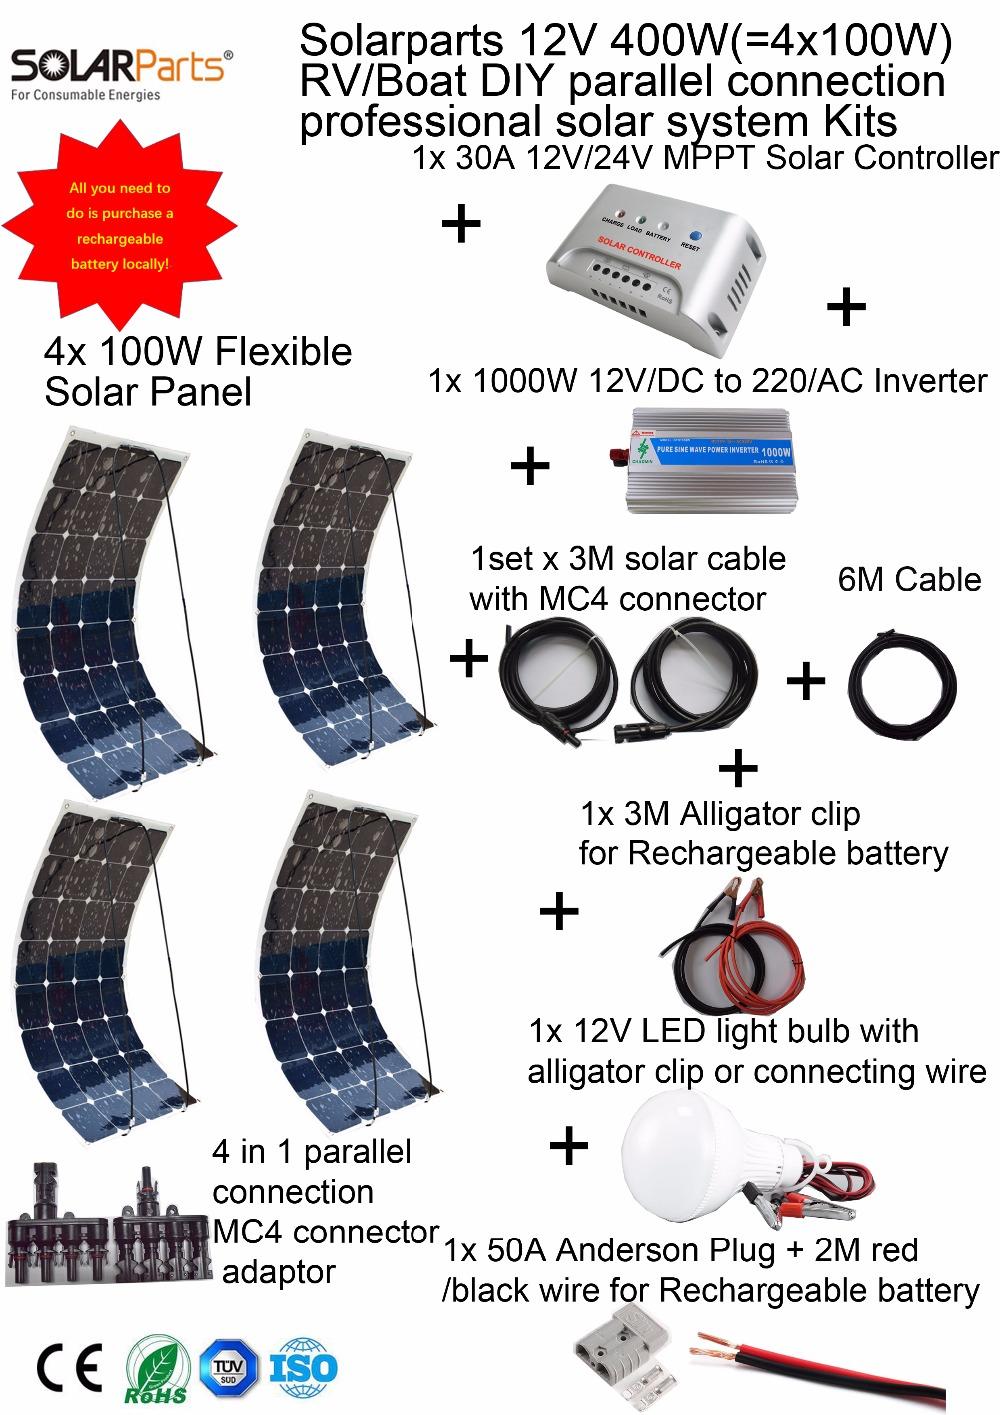 Prix pour Solarparts 1x400 W Professionnel DIY RV/Bateau/Marine Kit Système Solaire 4x100 W flexible panneau solaire MPPT contrôleur Onduleur LED